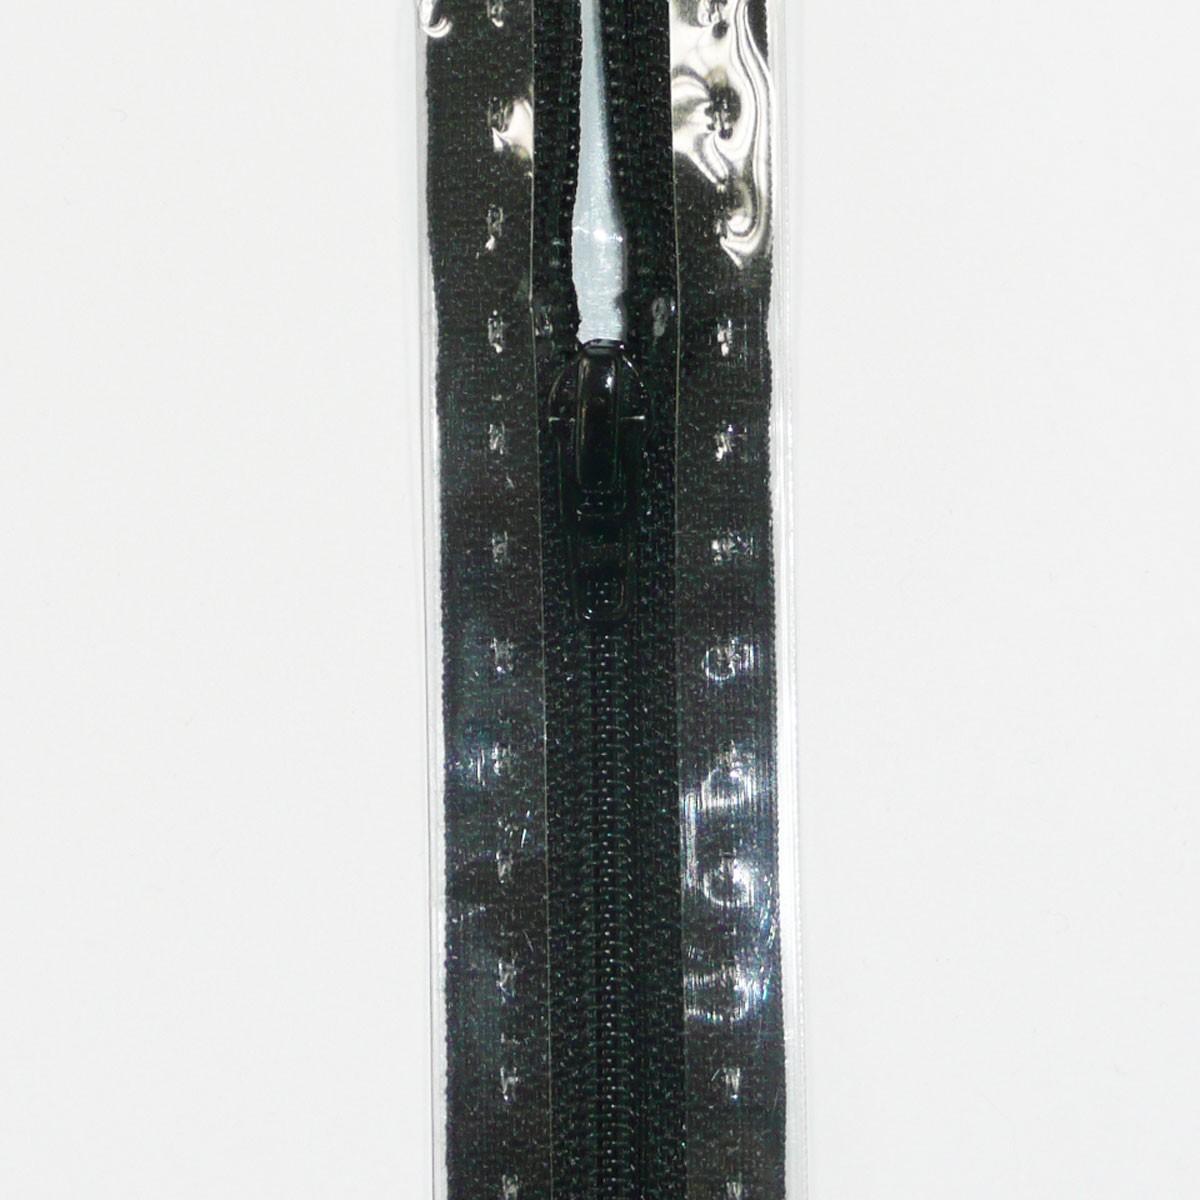 RV S1 Typ 0 ut 15 cm Fla schwarz